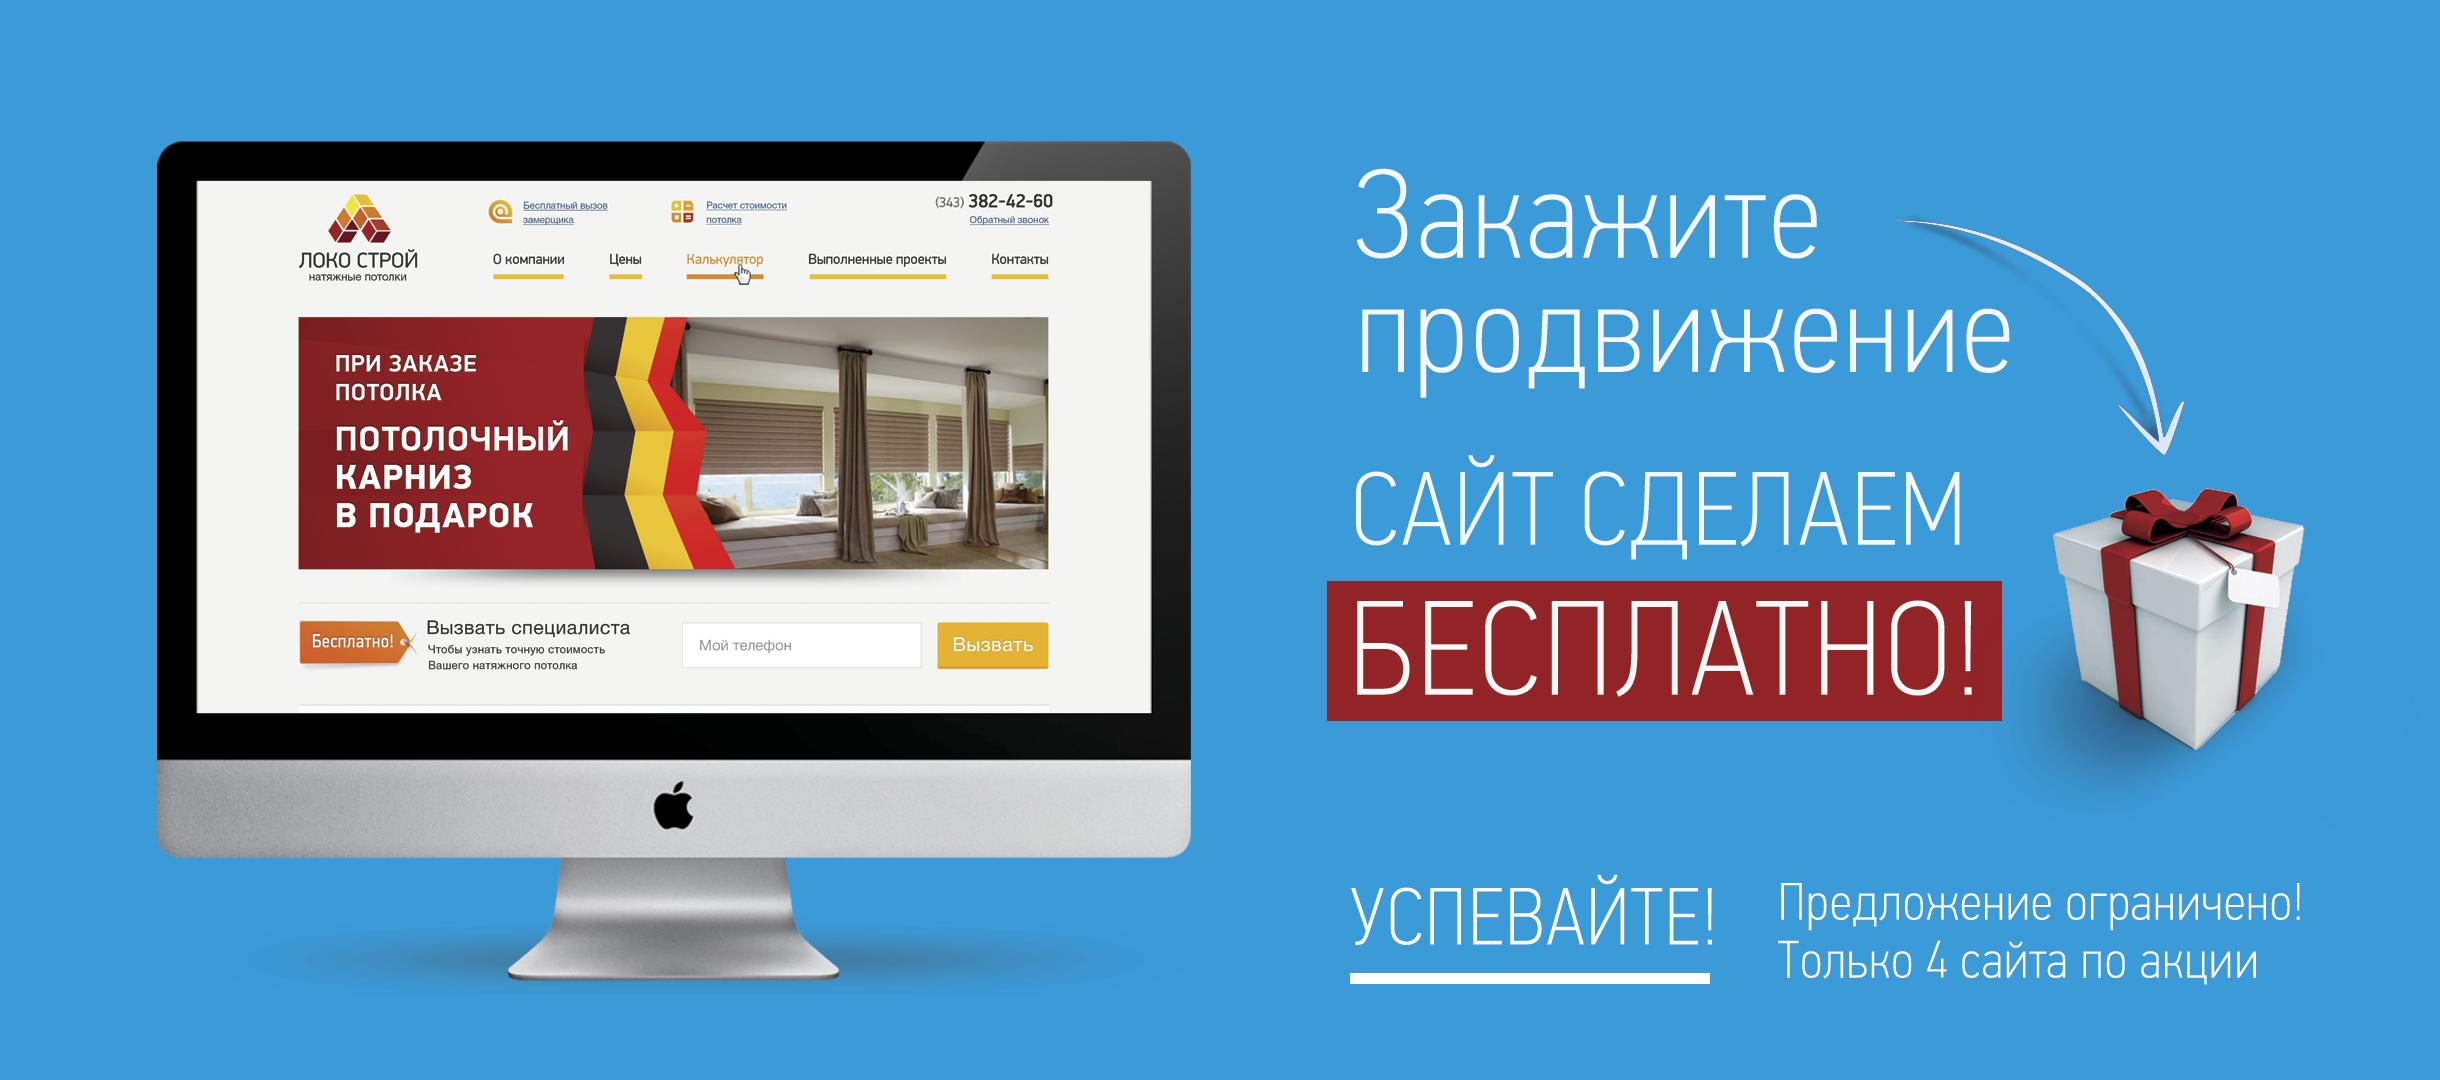 Сайт с акции продажи